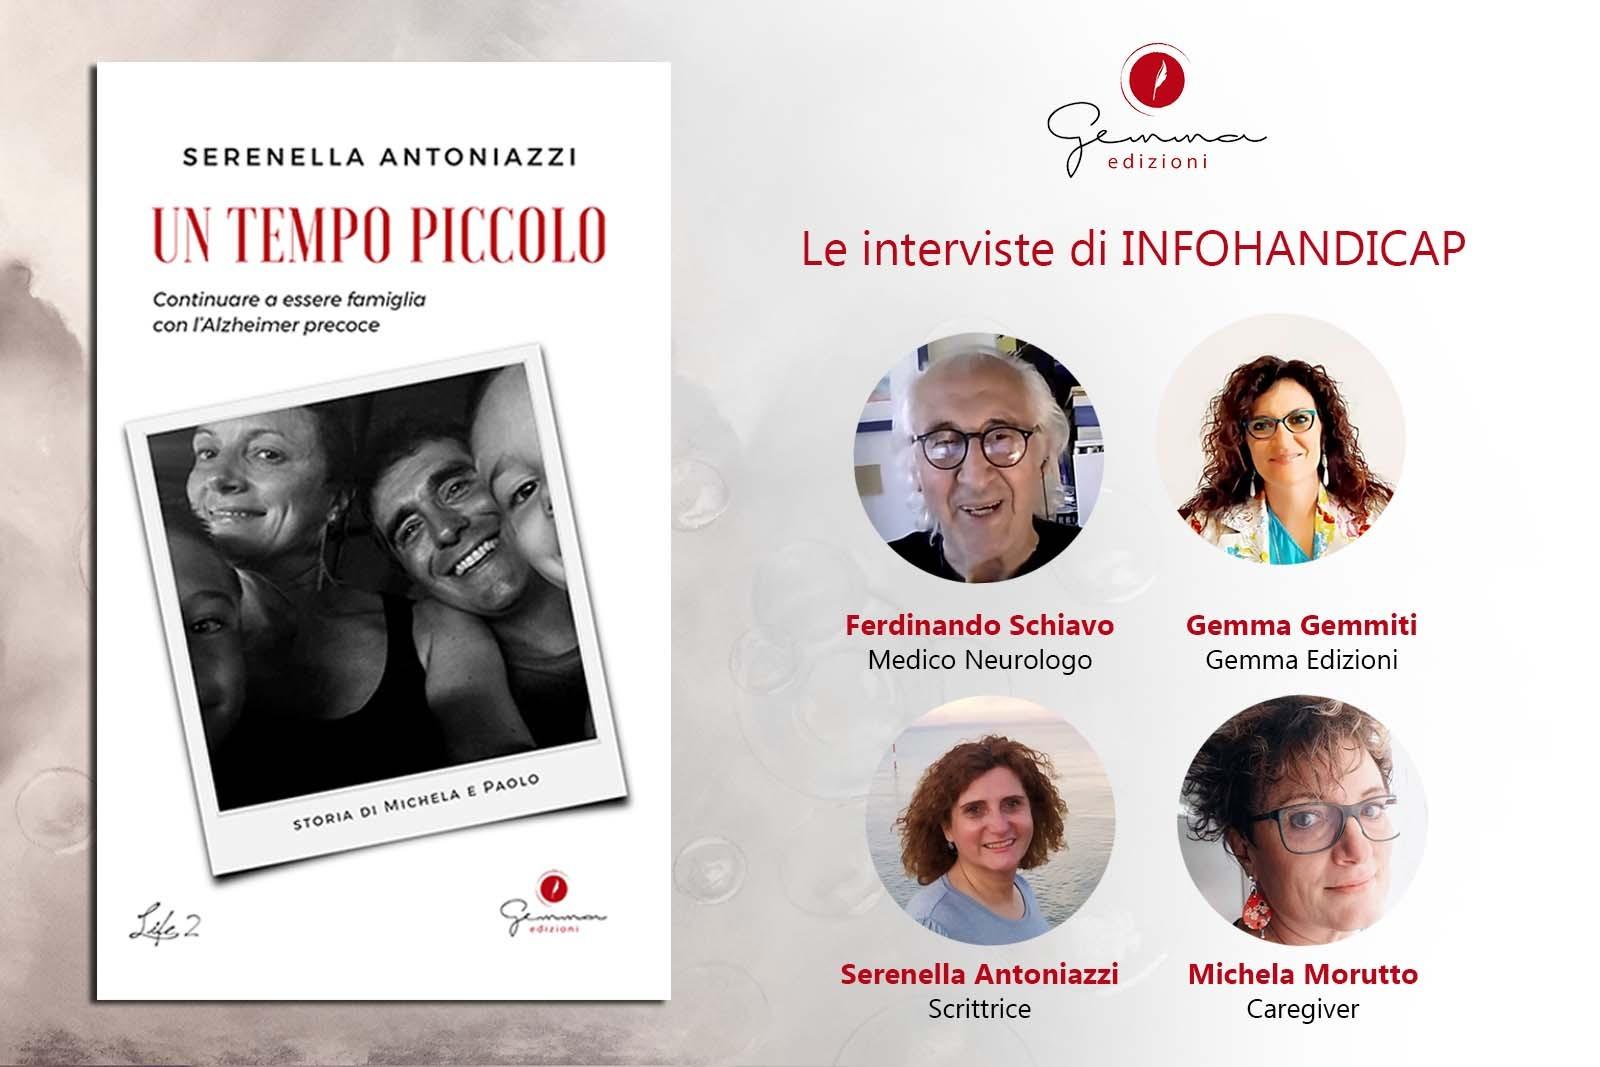 Intervista-Infohandicap.jpeg